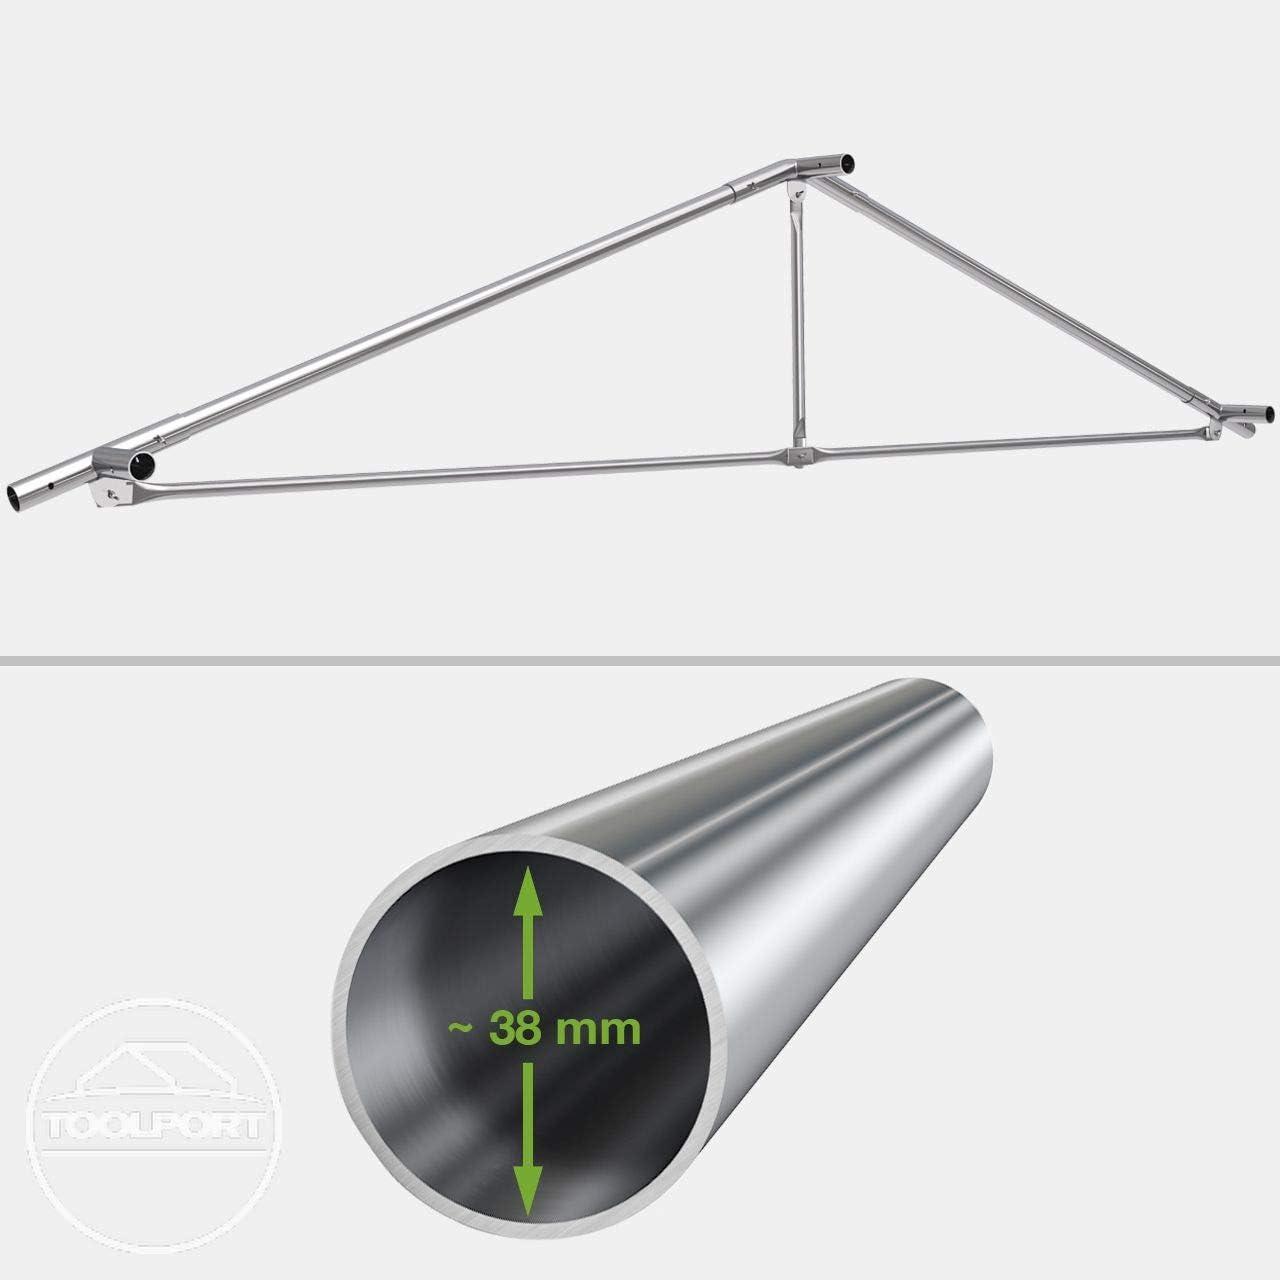 TOOLPORT Festzelt Partyzelt 3x4 m Premium hochwertige ca 500g//m/² PVC Plane in dunkelgr/ün 100/% wasserdicht mit Bodenrahmen